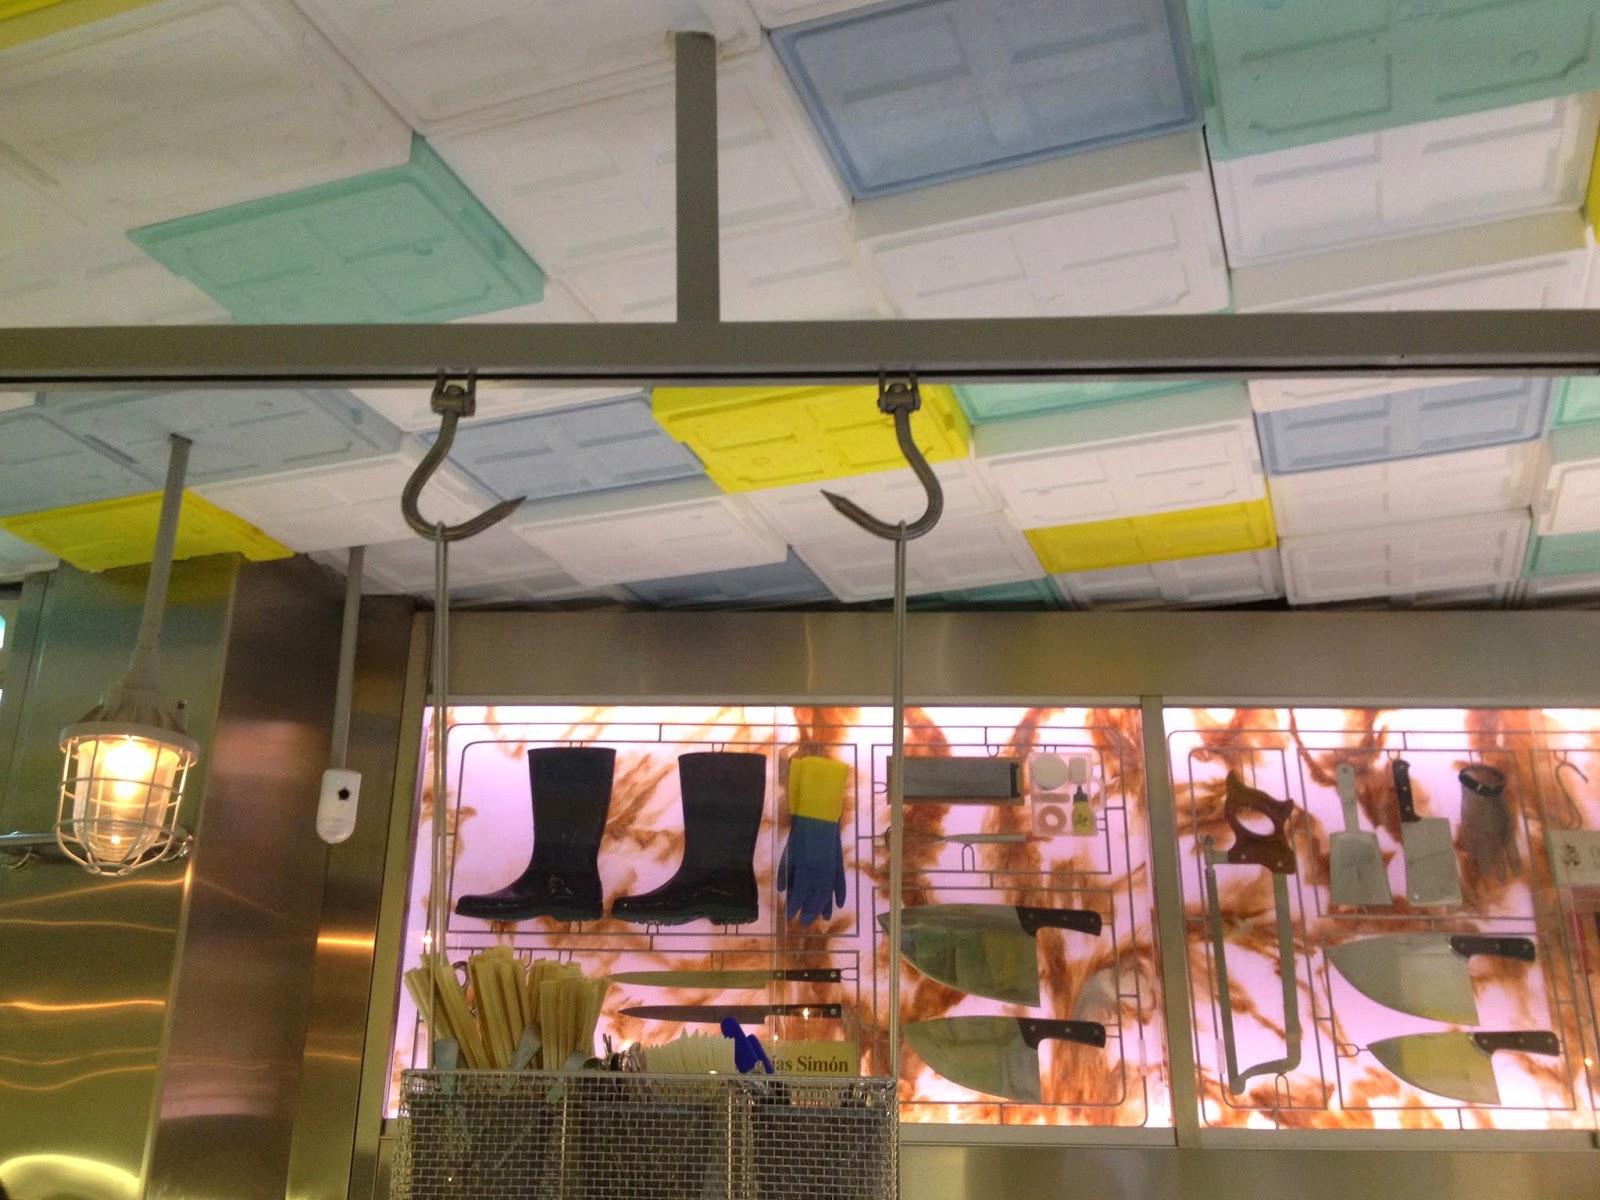 bares ponzano madrid, calle ponzano madrid bares, deco, Food & Café, gastro, madrid, mollejas, Ponzano, pulpo, restaurante, Sala de Despiece, sala de despiece madrid,